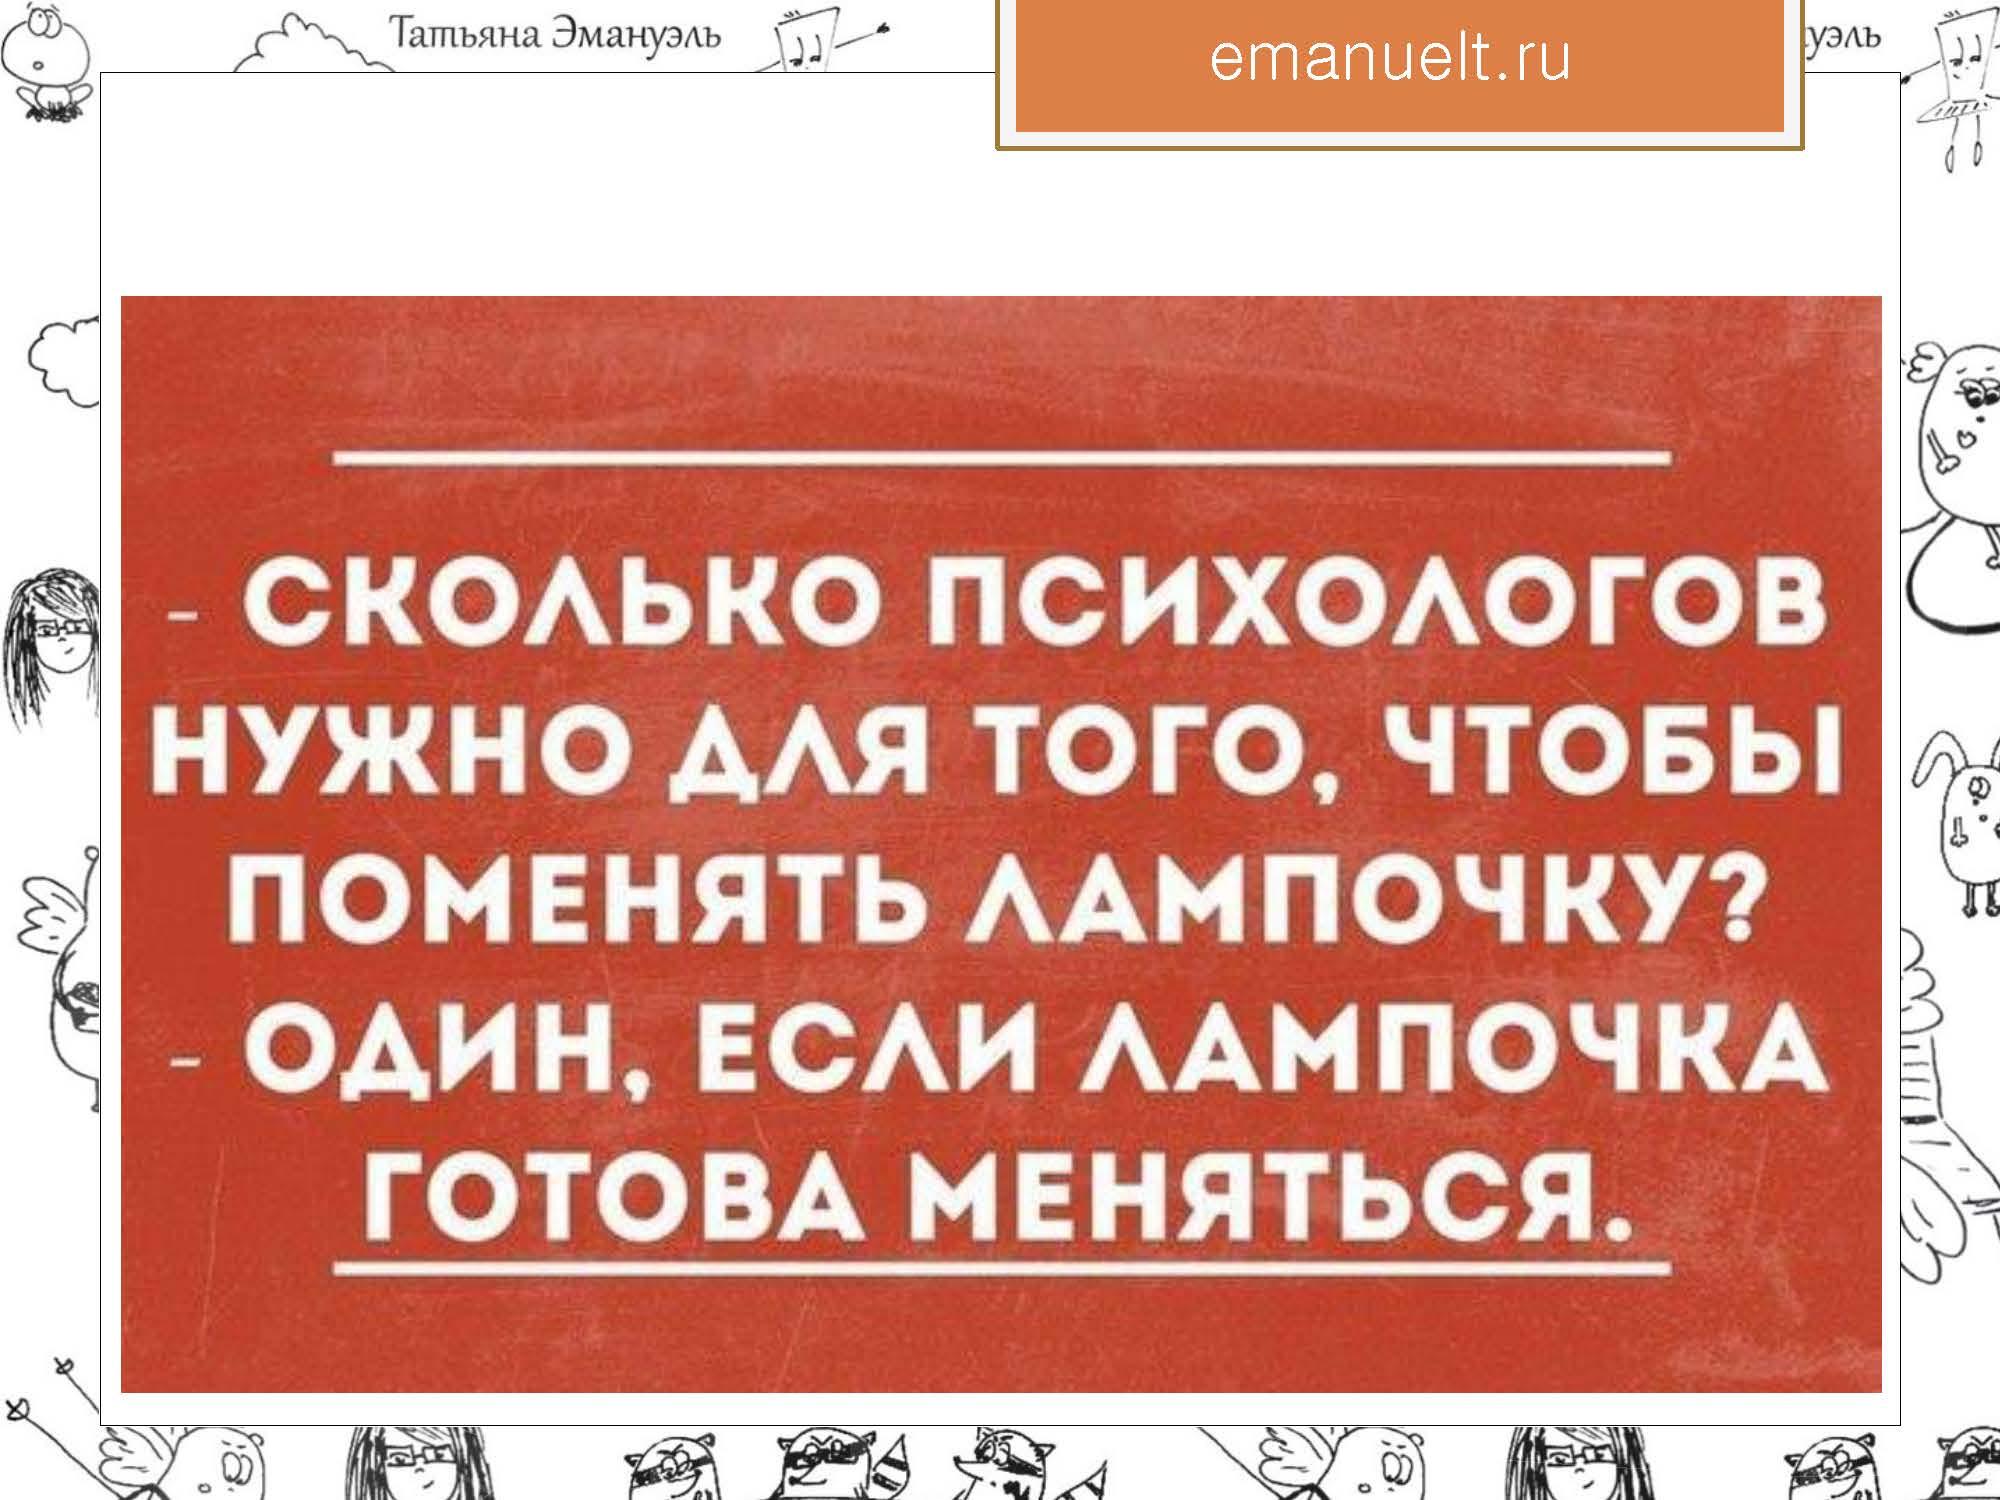 проектный эмануэль_Страница_32